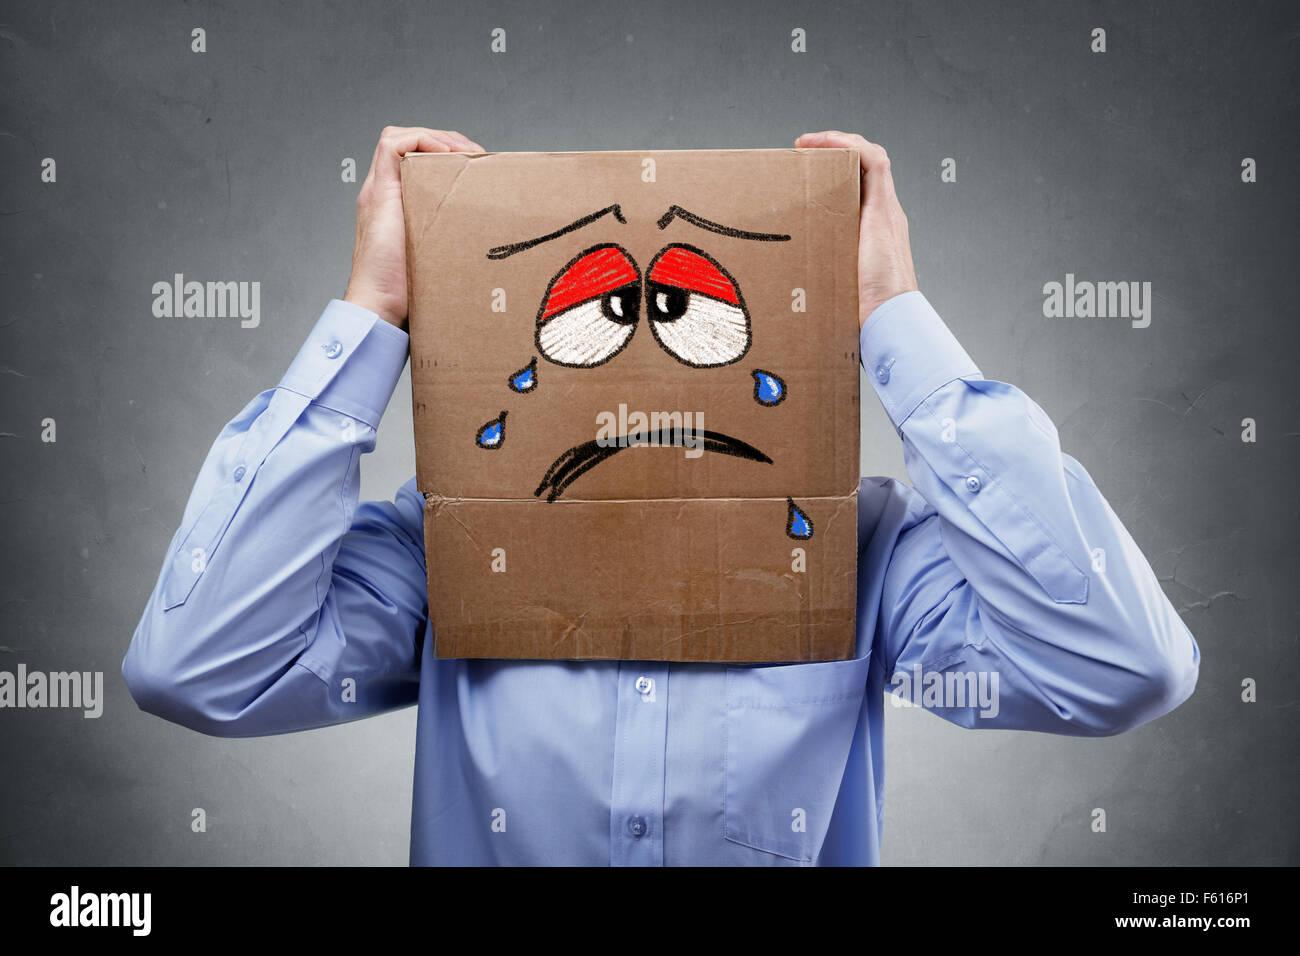 Uomo con scatola di cartone sulla sua testa che mostra l'espressione triste Foto Stock